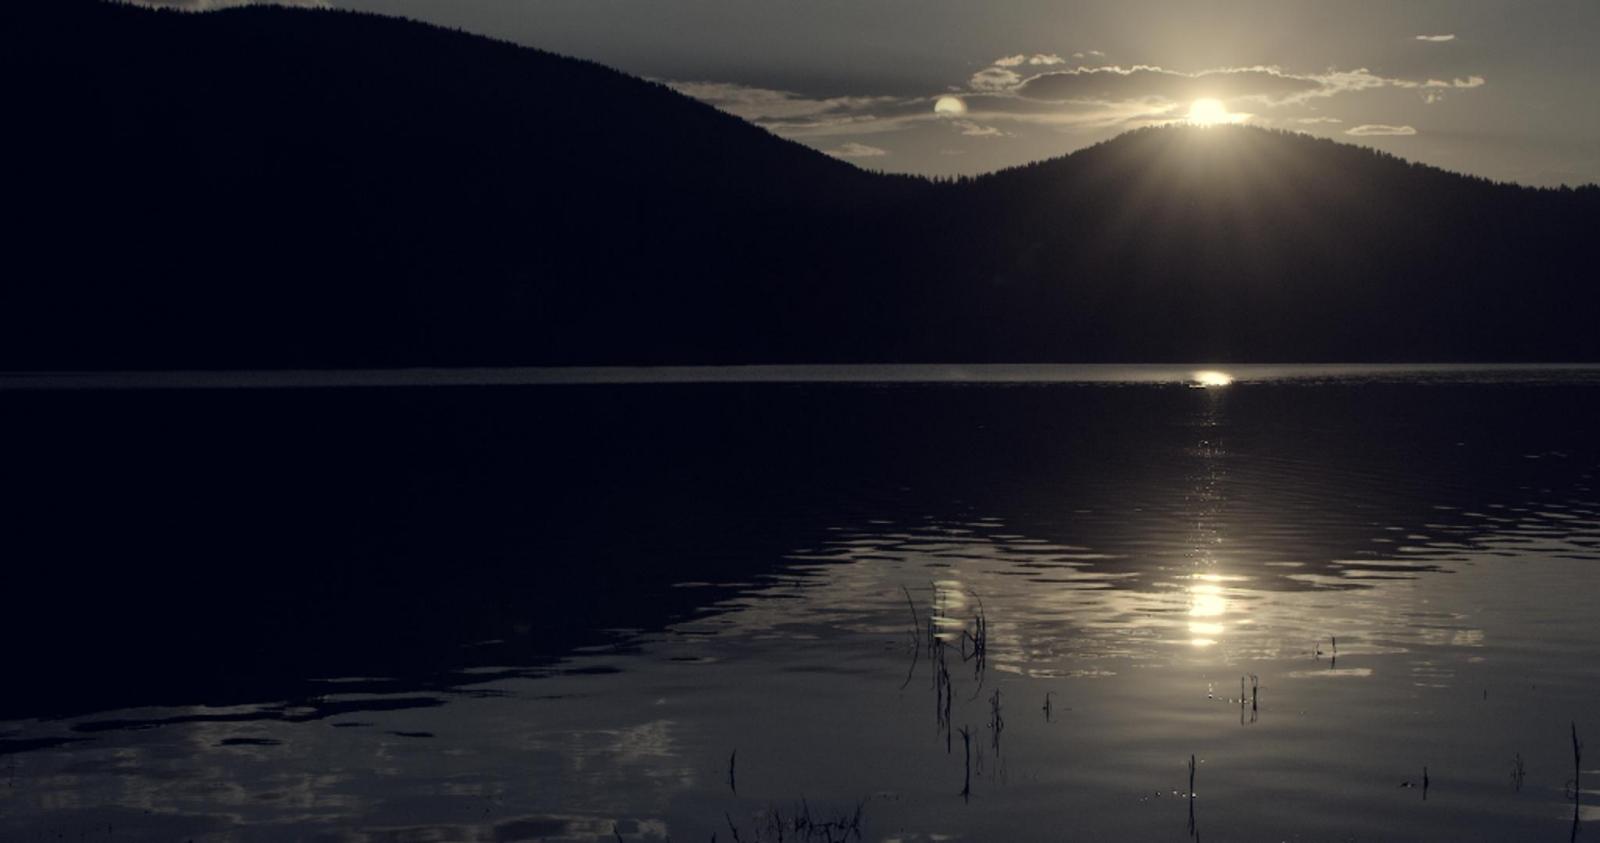 Sunset A sunburst just before sunset on a lake naer Bozeman, Montana.